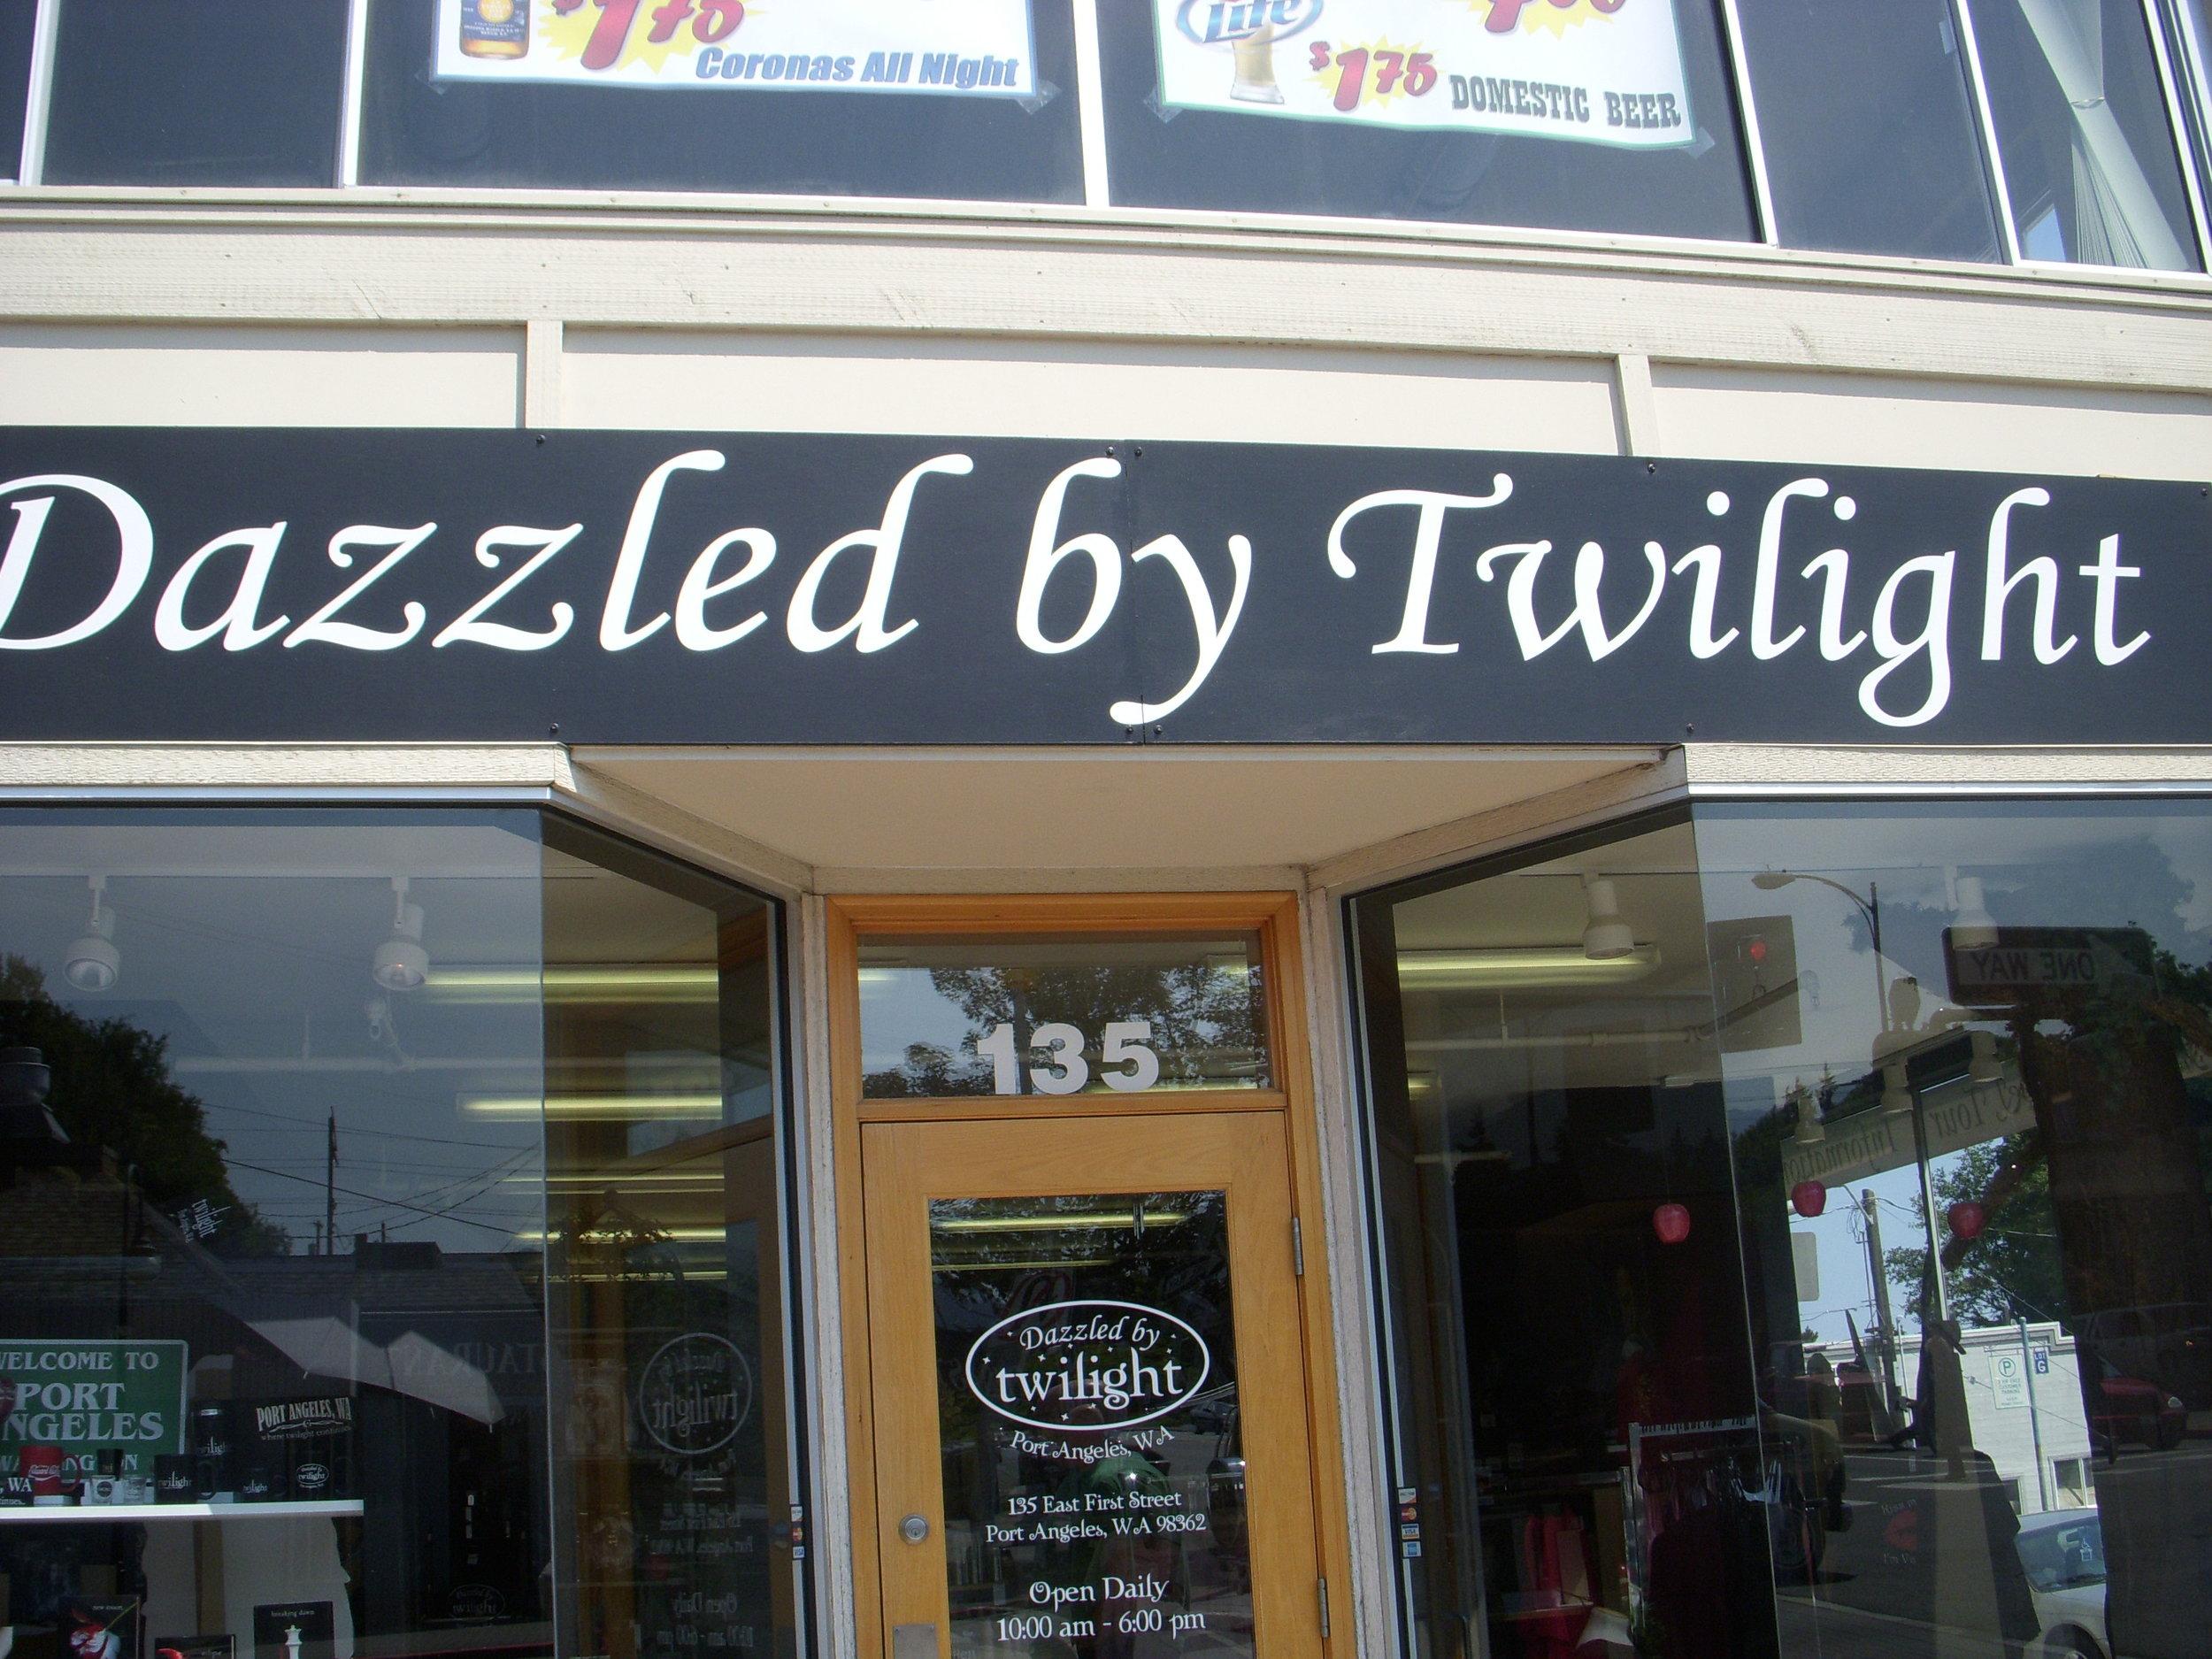 Dazzled by twilight